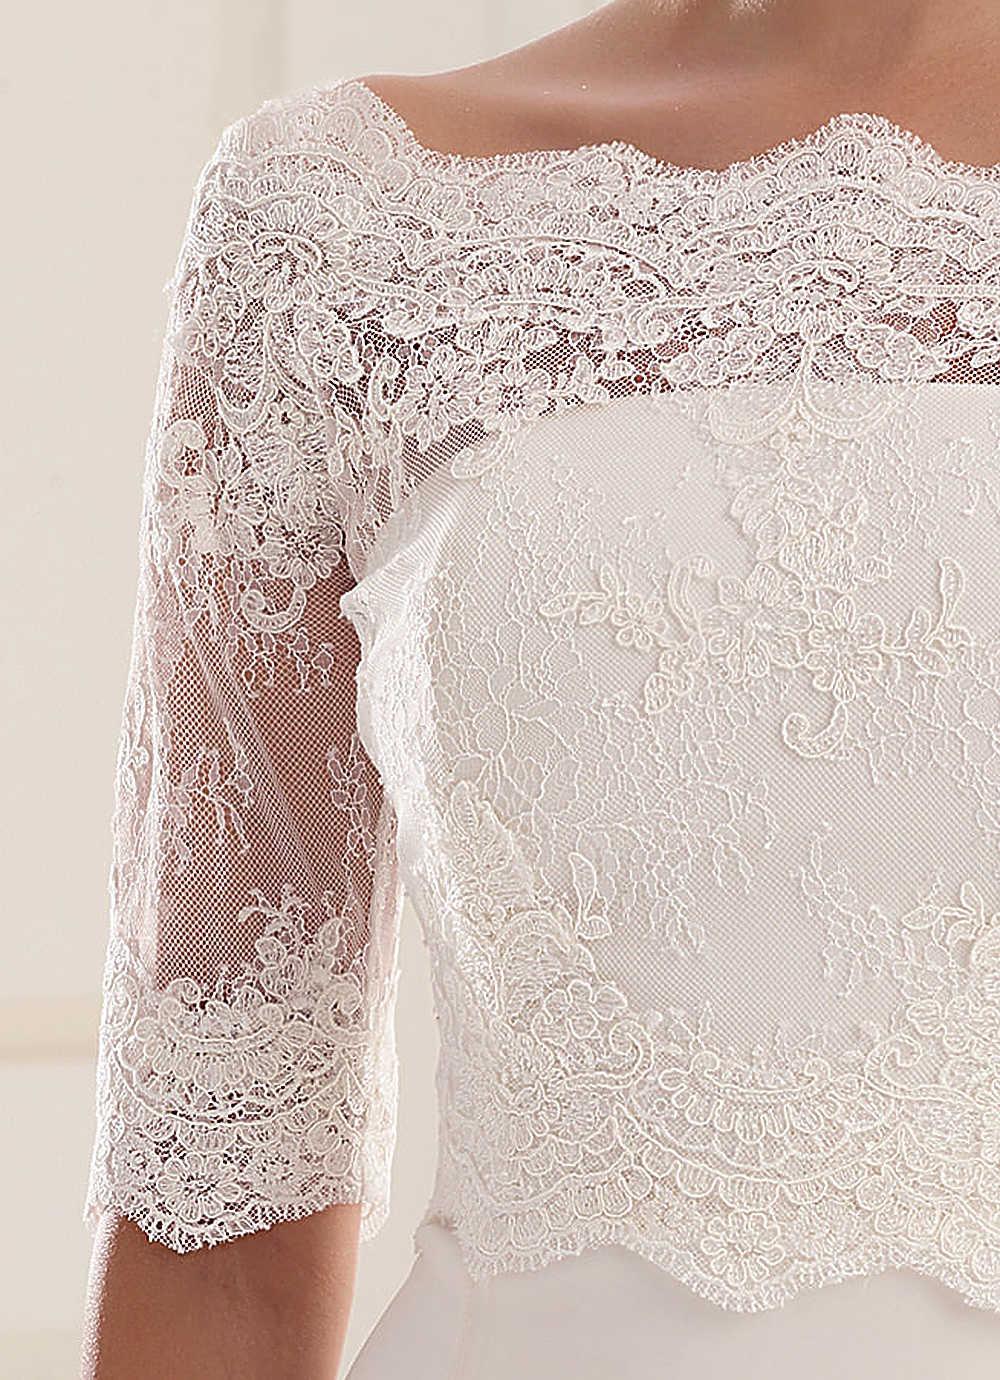 5b8b026eb7 Csipke boleró (221) :: Vicora esküvői ruhaszalon